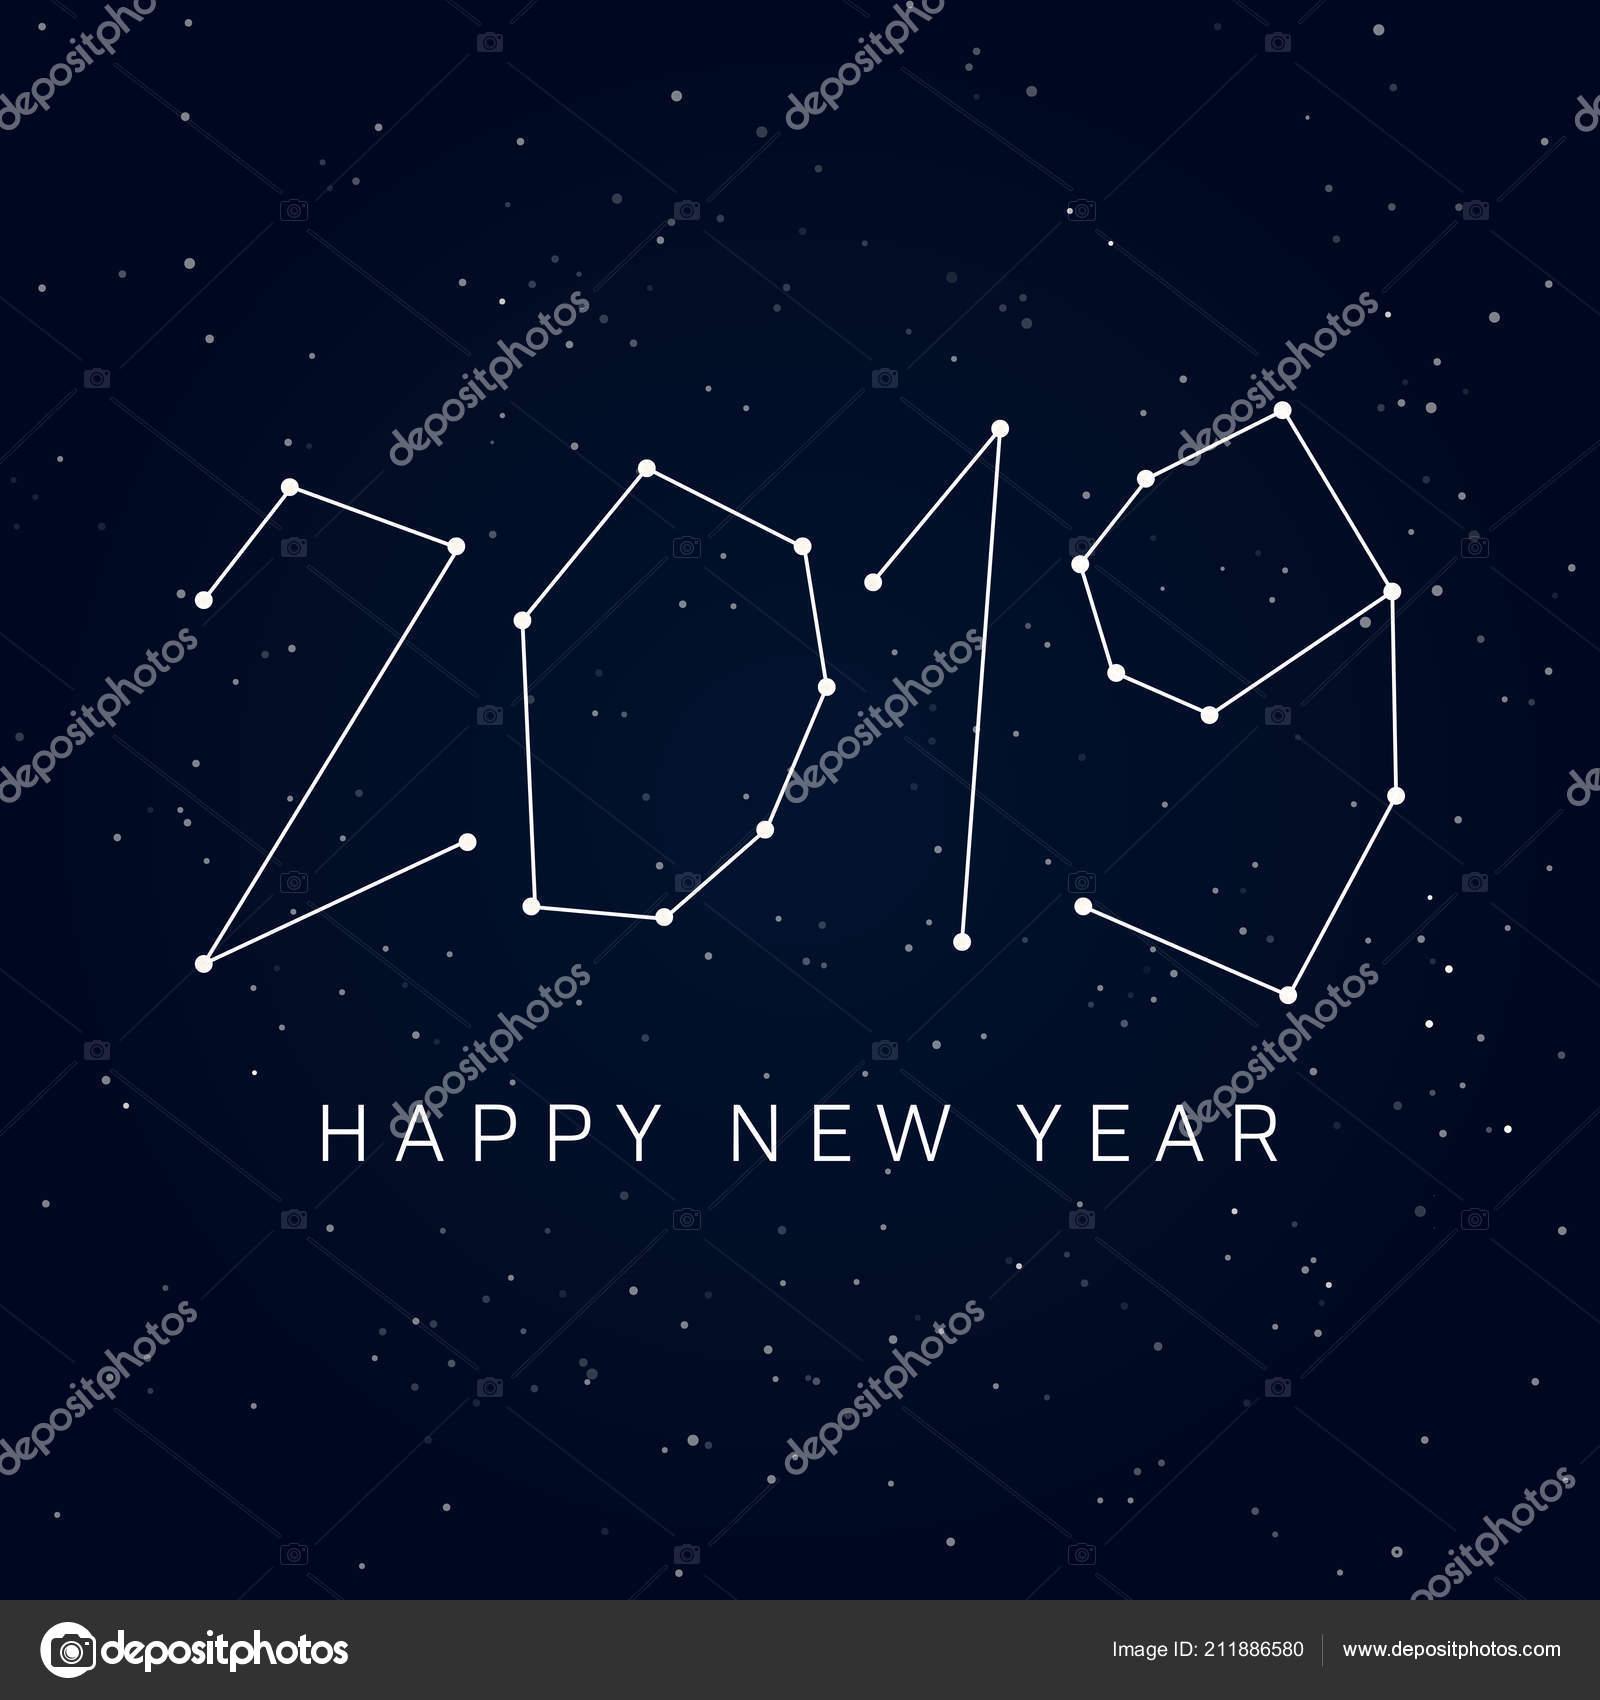 sternbilder karte Frohes Neues Jahr 2019 Karte Sternbilder Des Nachthimmels